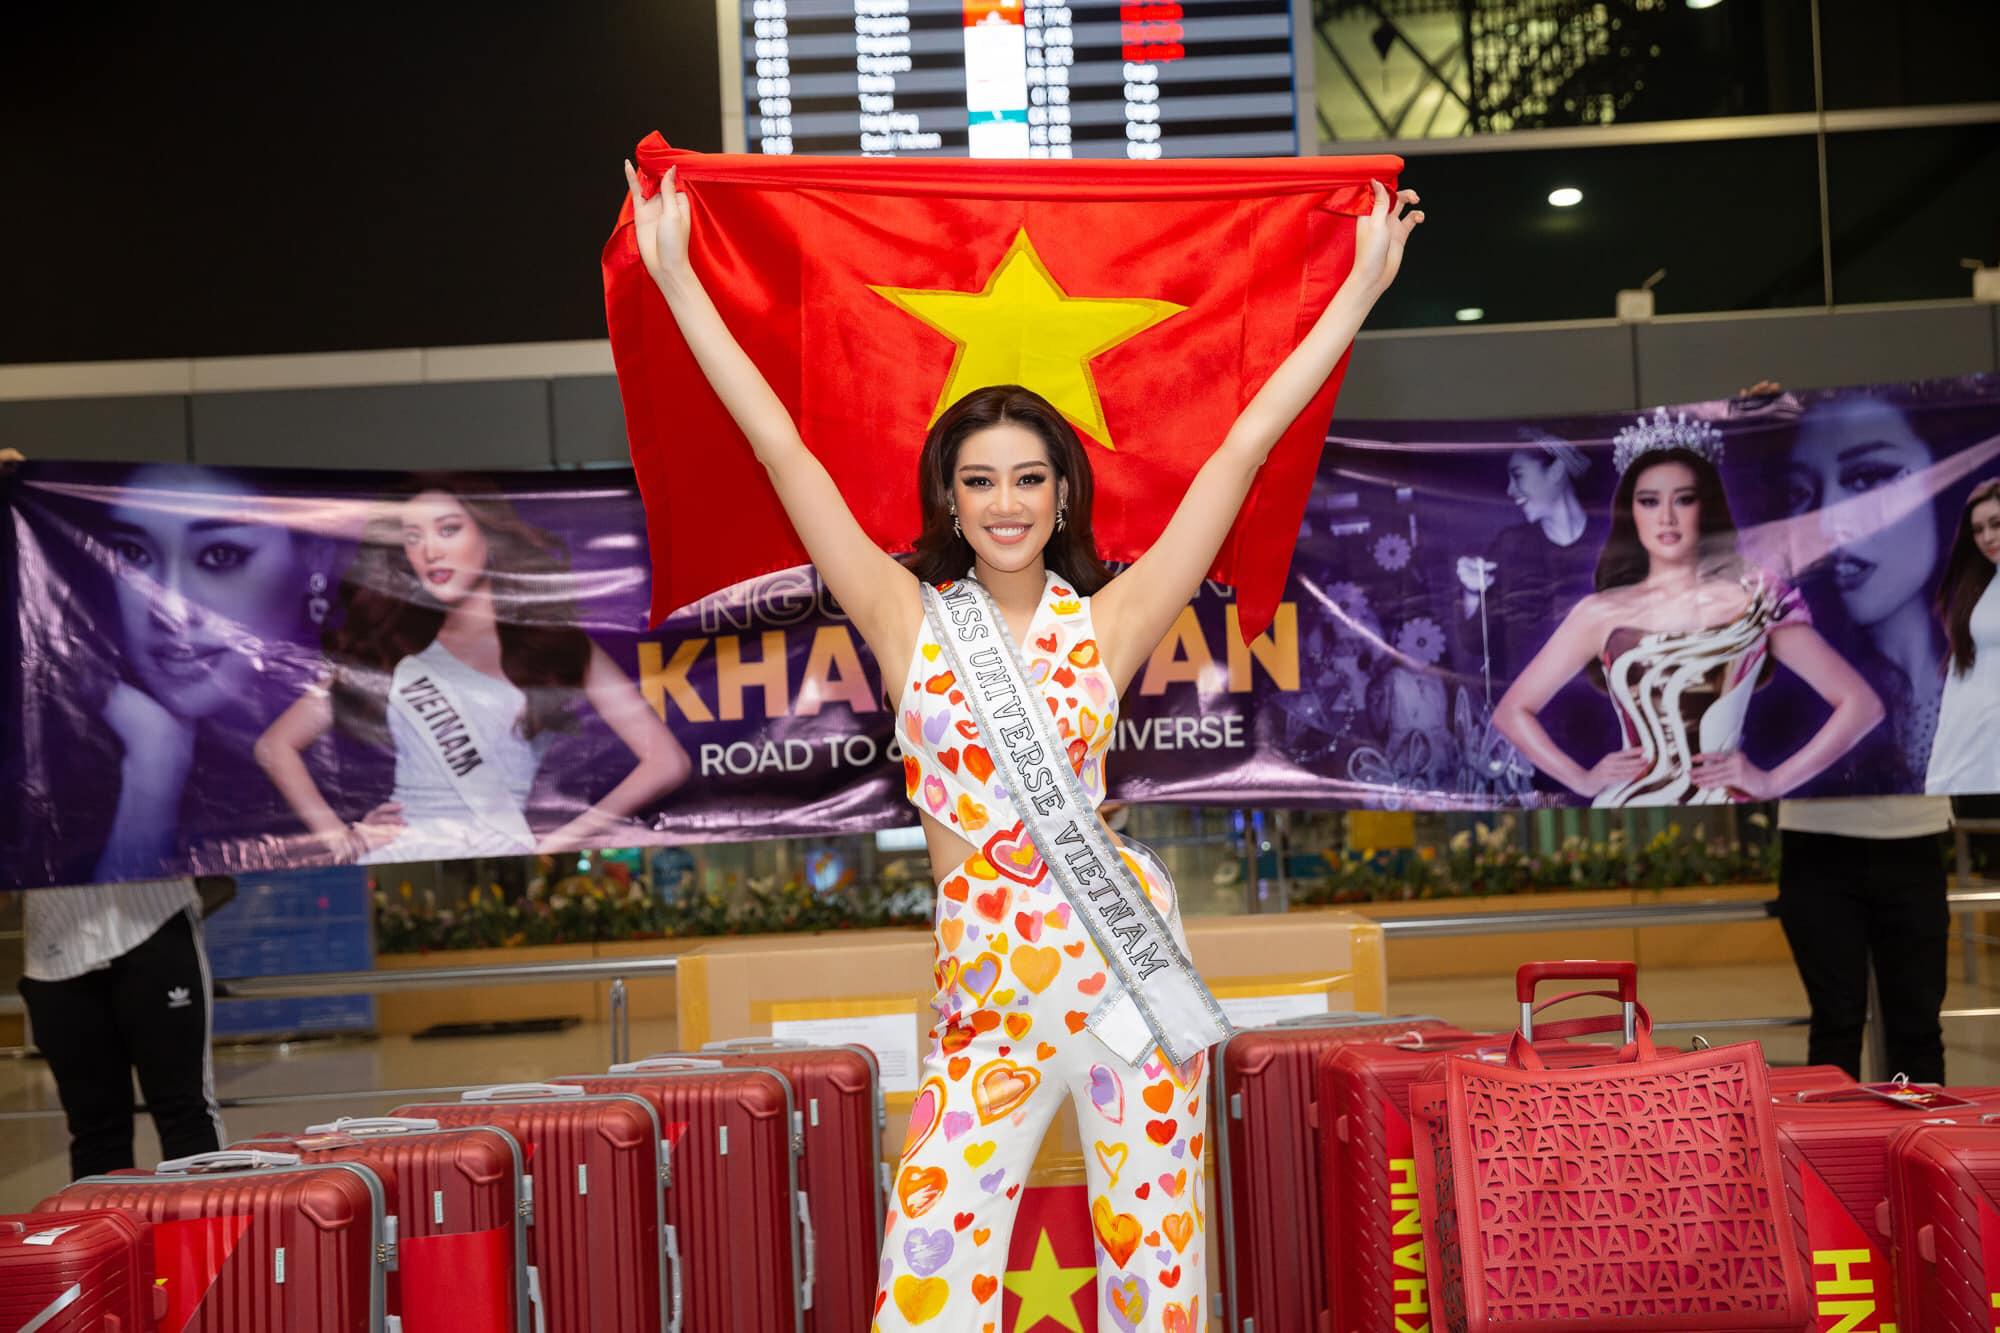 Thượng Gia Kỳ - chuyên gia tạo mẫu tóc thiết kế đồ dự thi Miss Universe cho Hoa hậu Khánh Vân - Ảnh 3.